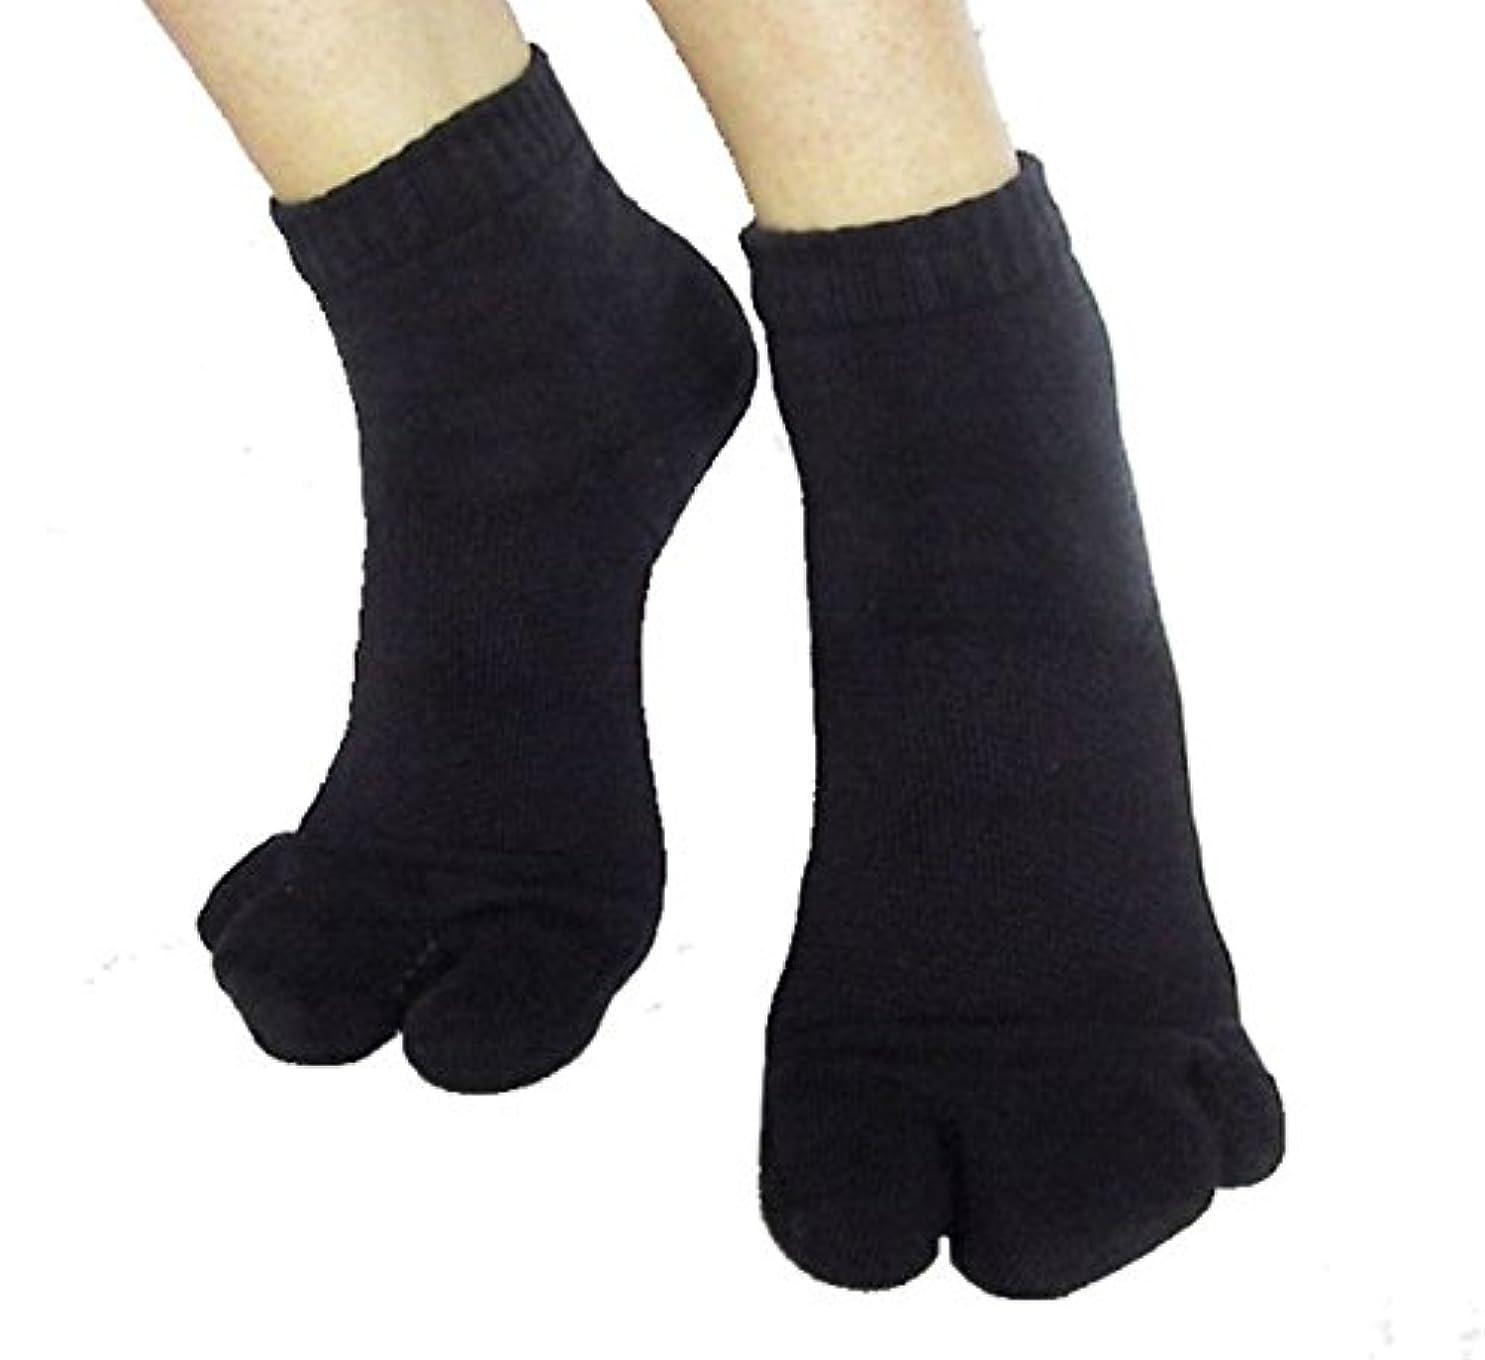 かび臭いトリッキー診療所カサハラ式サポーター ホソックス3本指テーピング靴下 ブラック S22-23cm